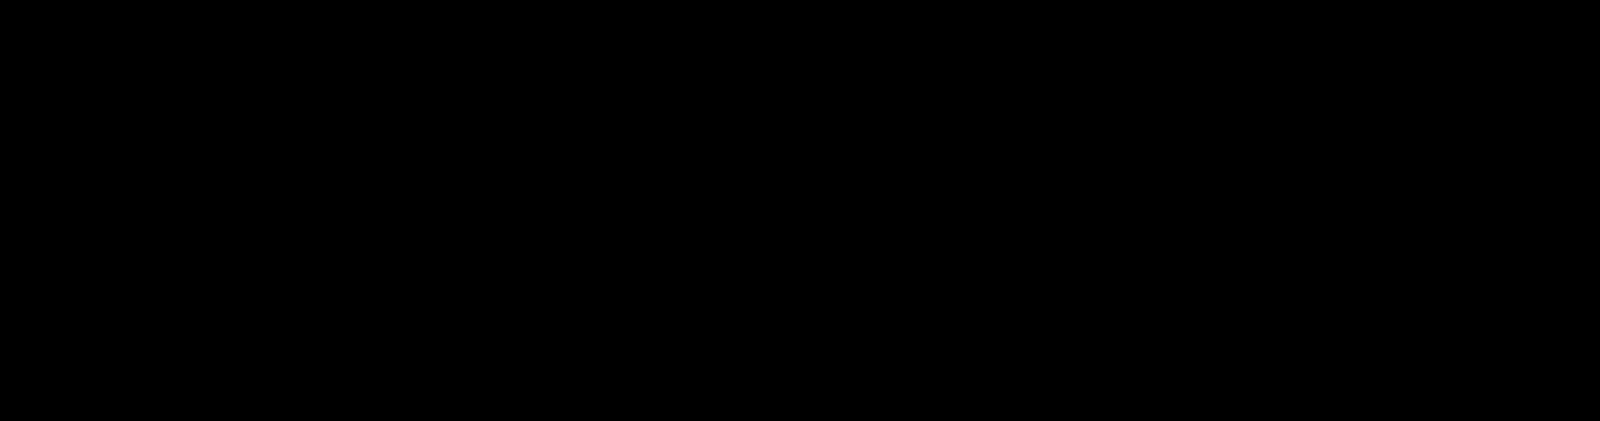 logo_tec_02.png